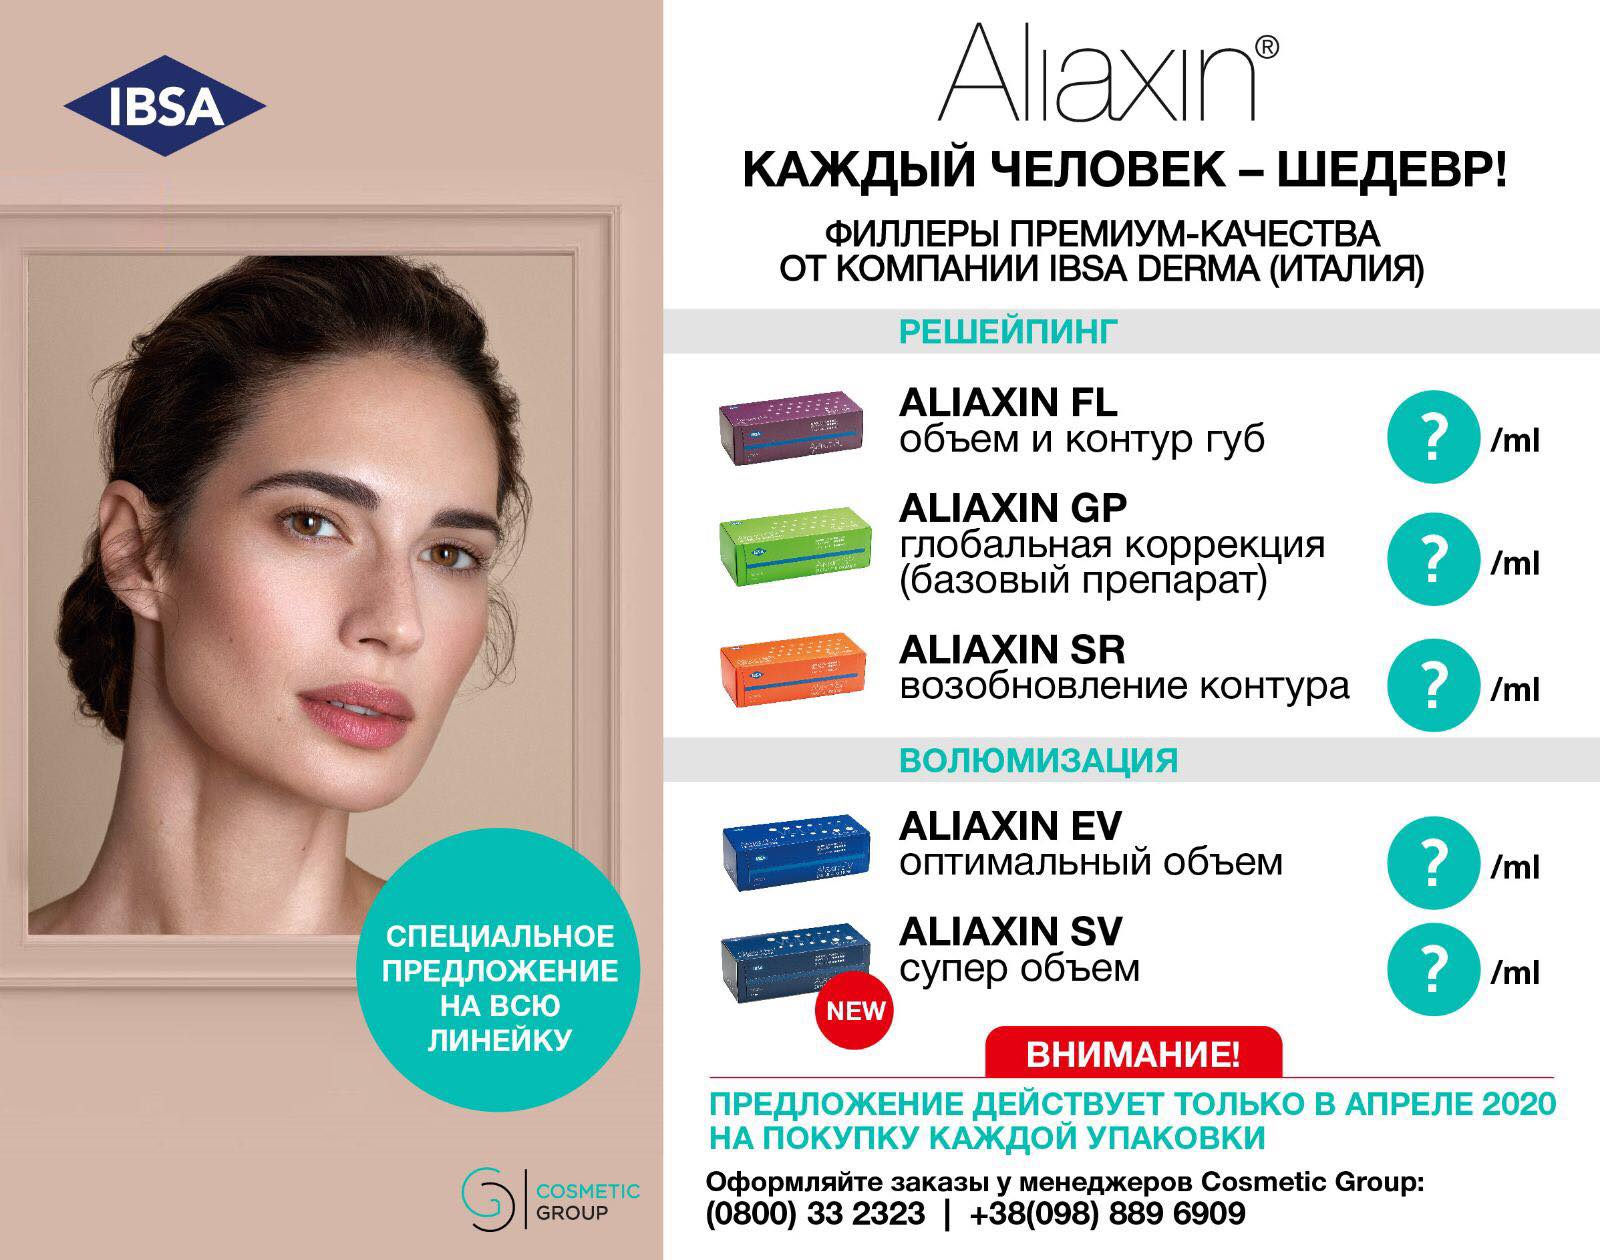 Специальное предложение на линейку филлеров Aliaxin